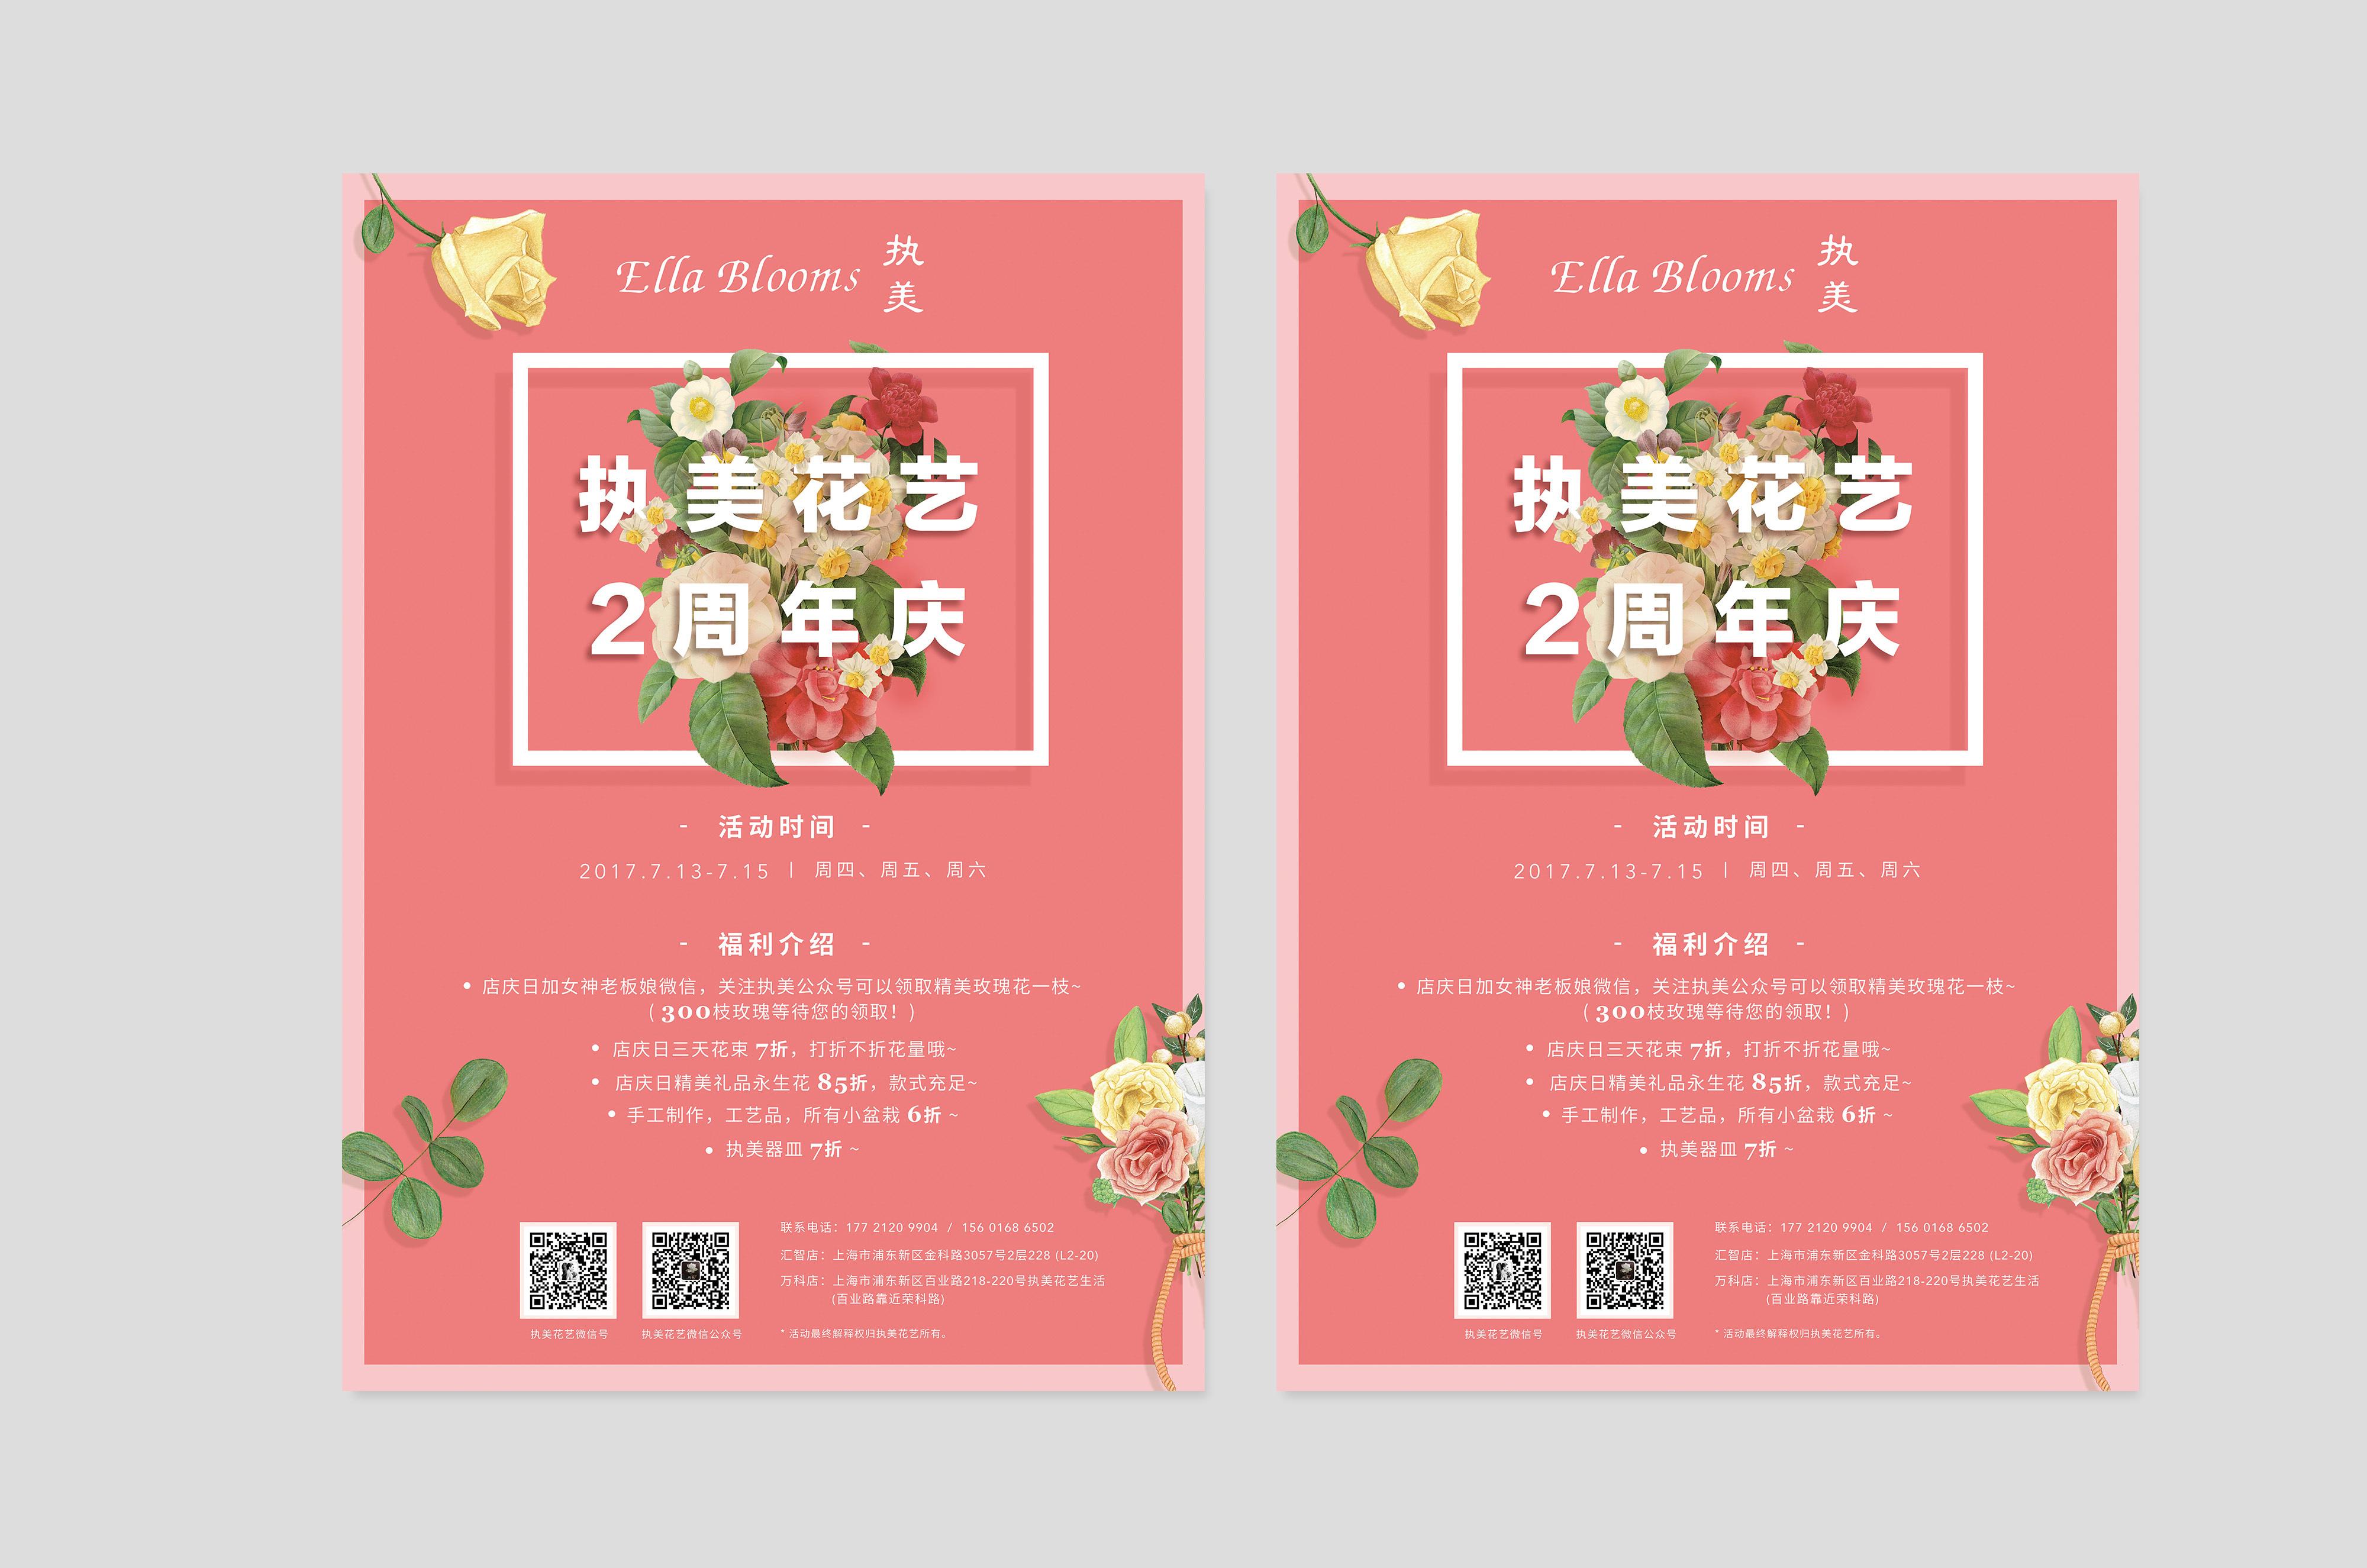 执美花店2周年庆宣传海报